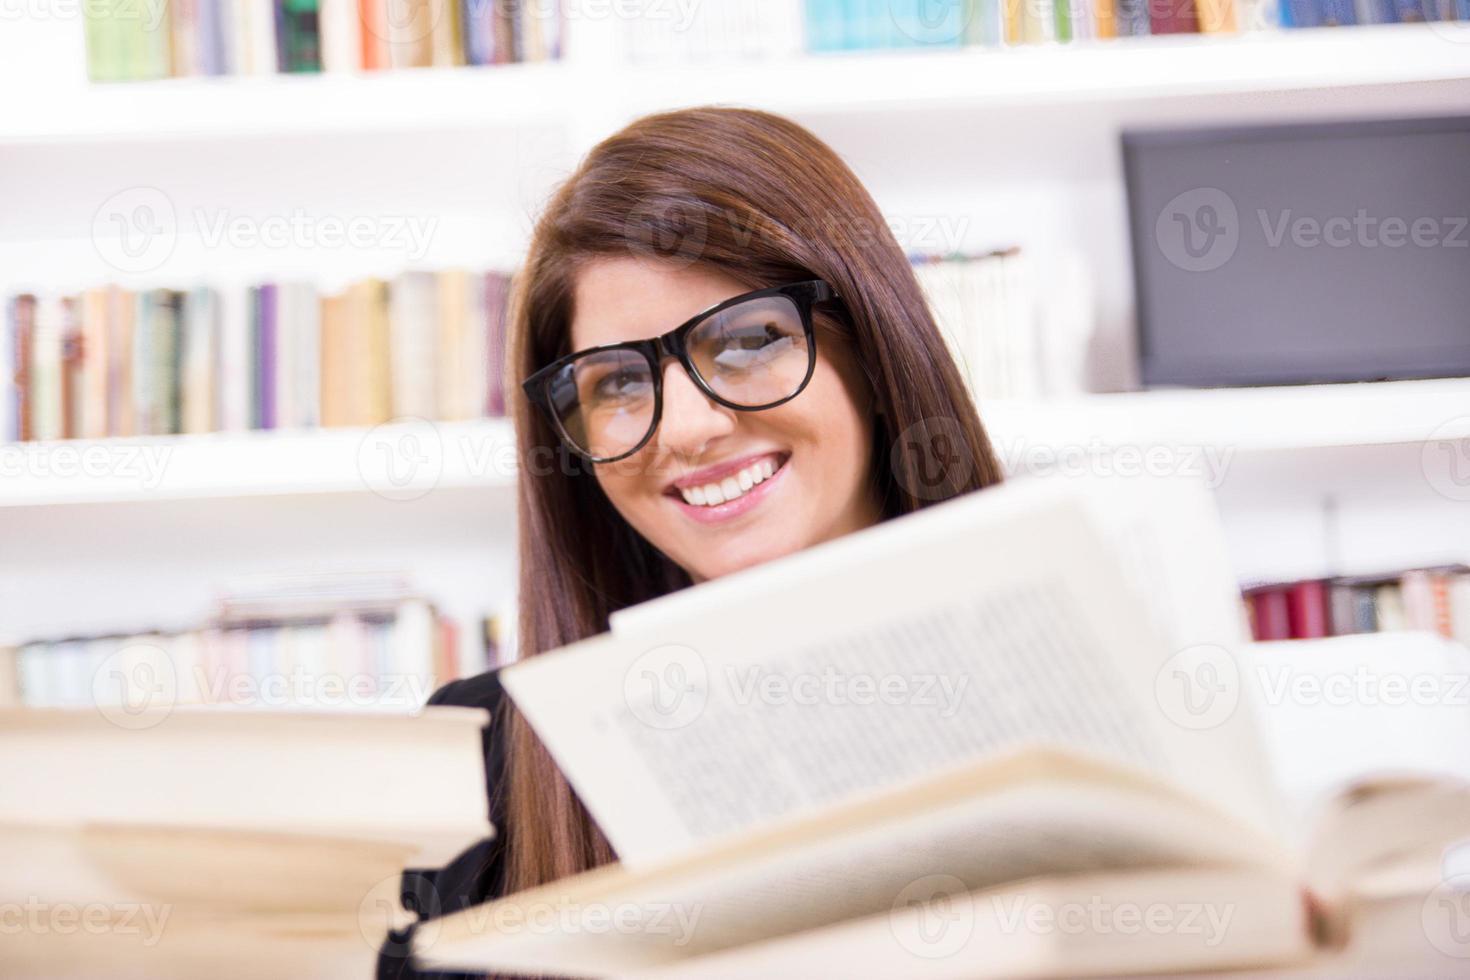 aluna bonita com óculos sorrindo foto